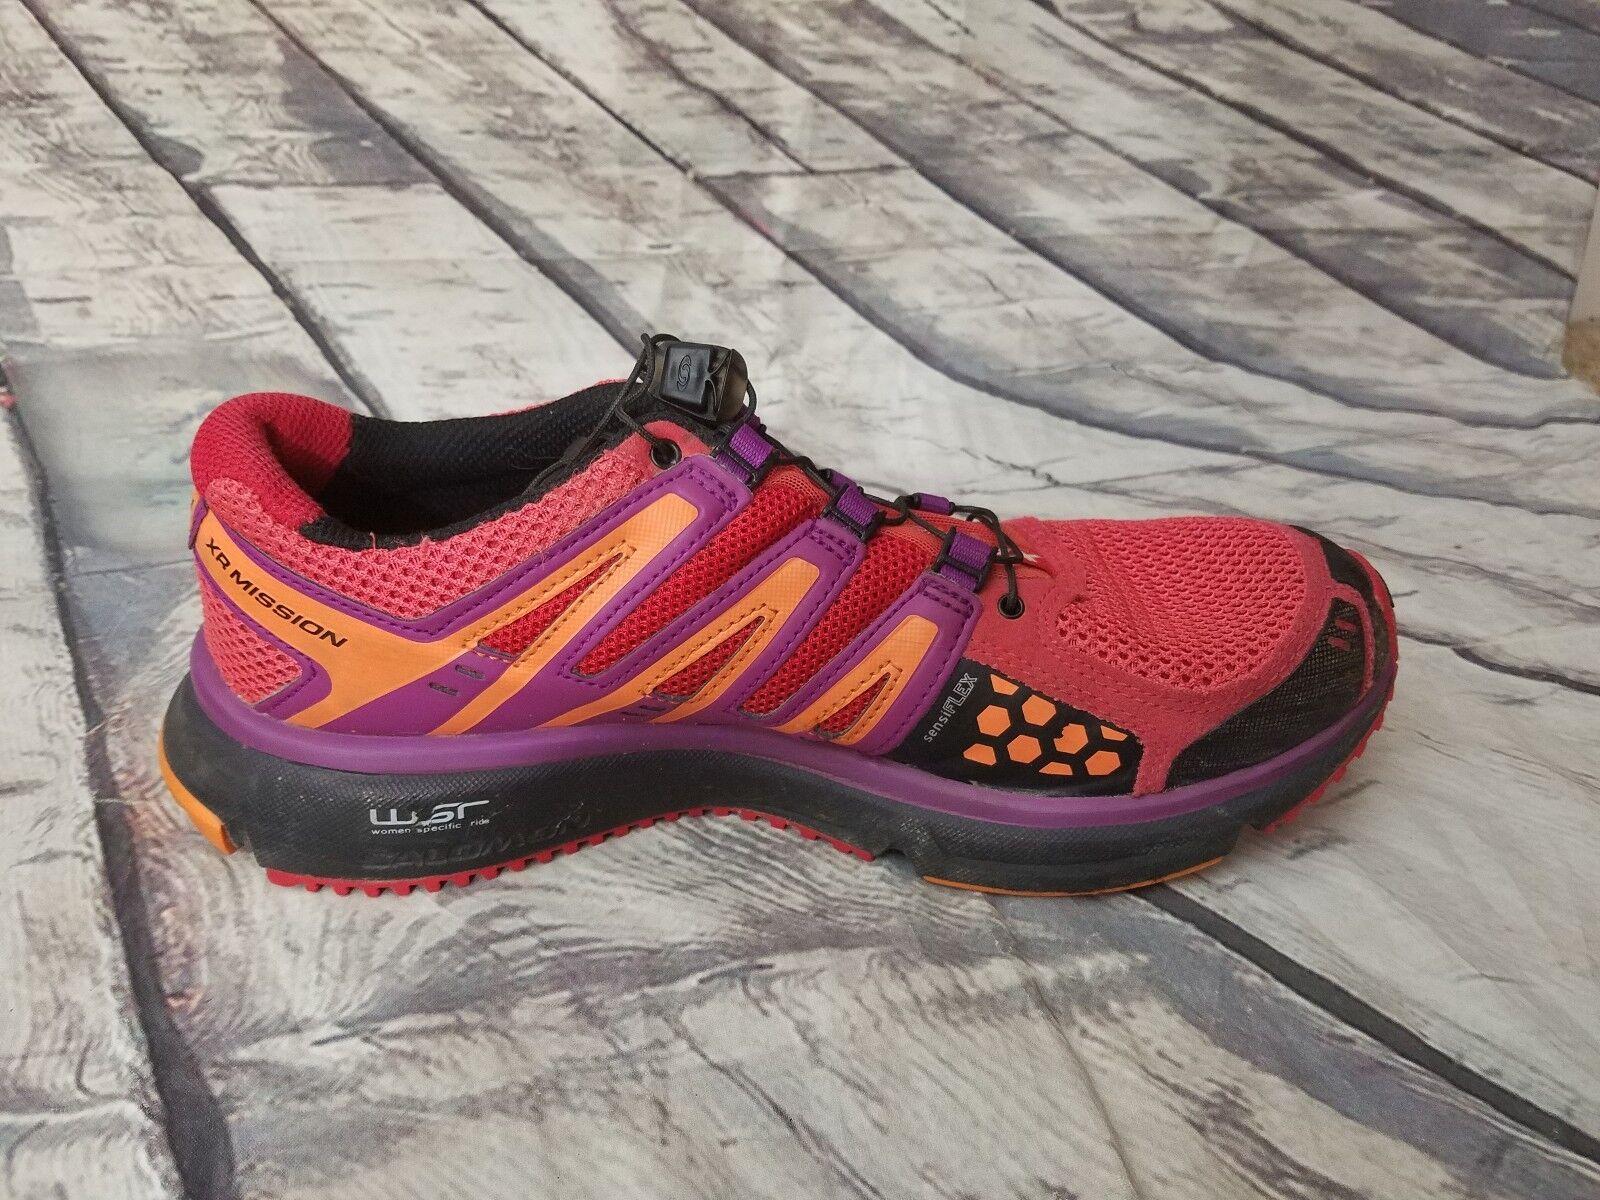 Salomon Women Pink Purple WSR Running XR Mission 1 Trail Running WSR Hiking Shoes 10 EUC 41d55b